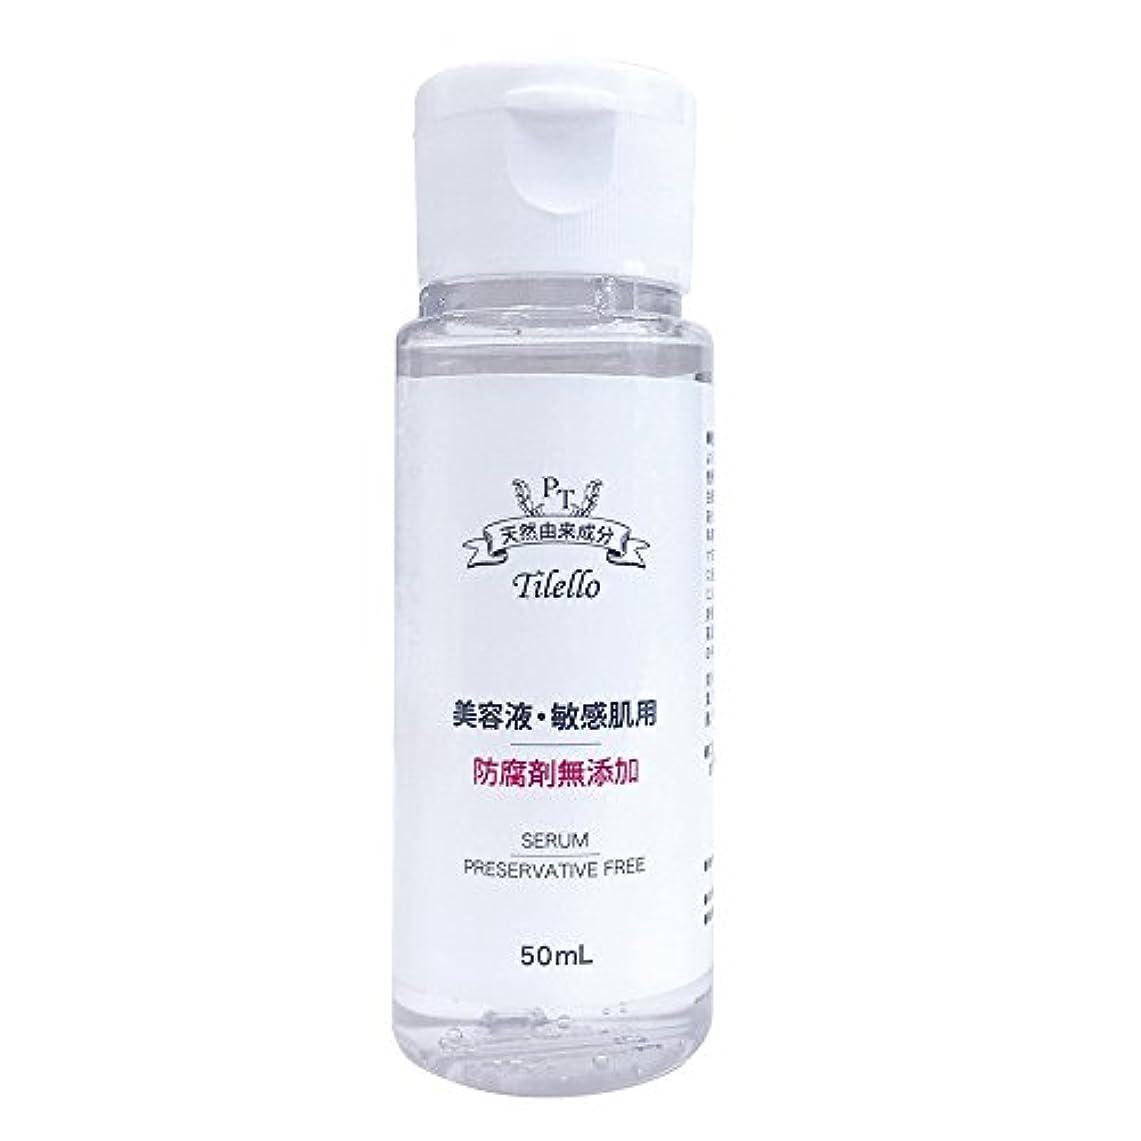 楕円形ソケット適切な無添加 美容液 天然由来成分 ティレロ【敏感肌用